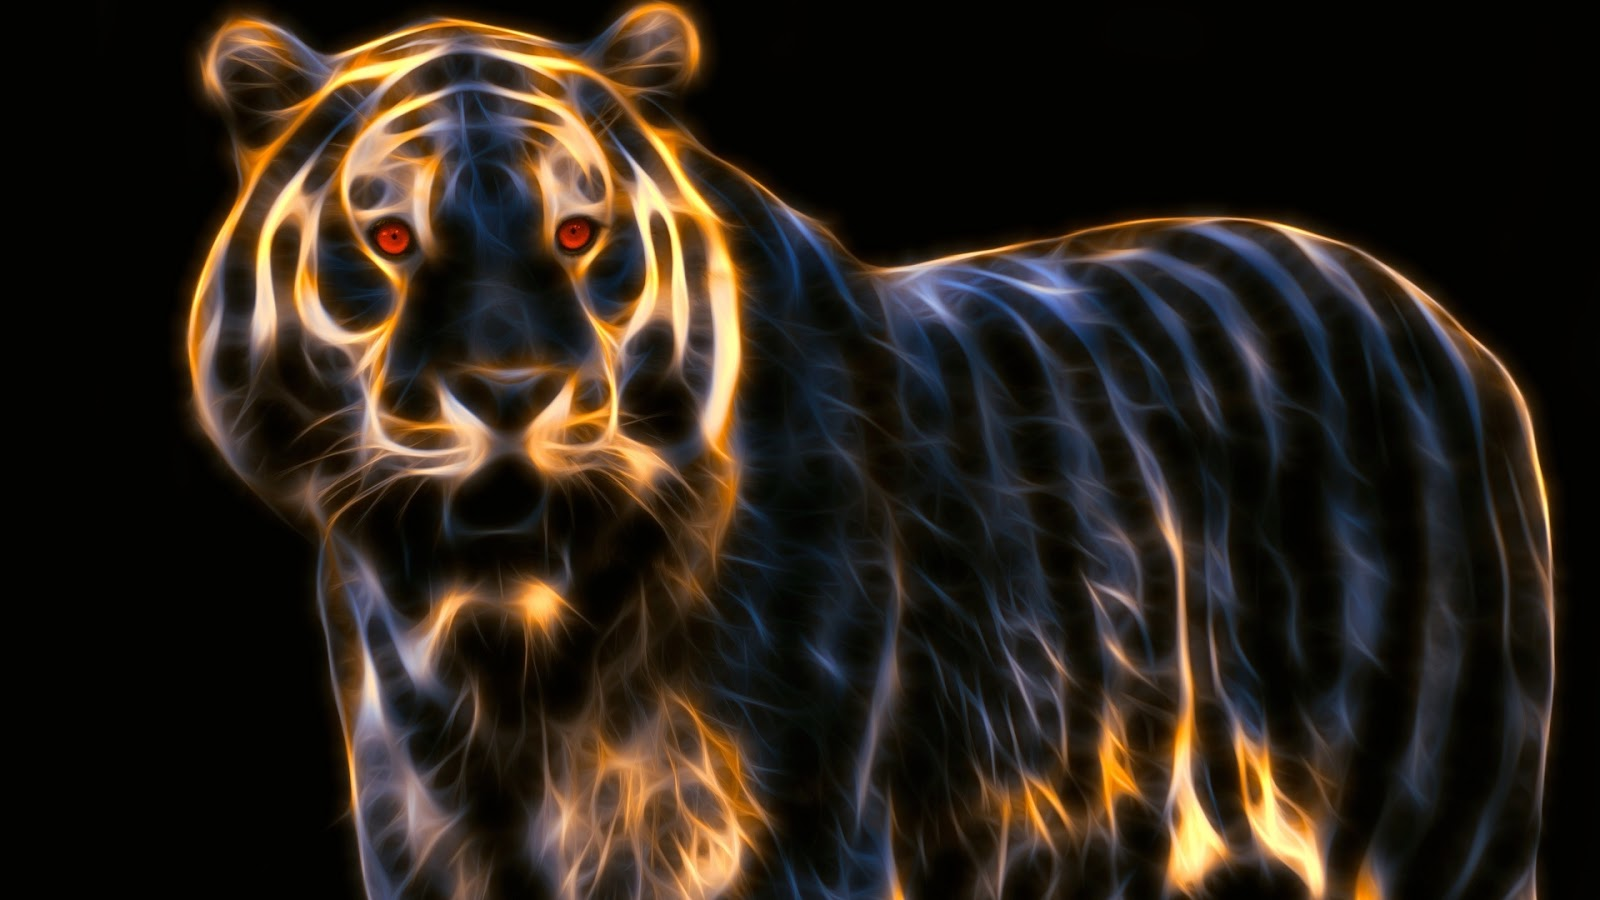 Fond ecran tigre 3d fonds d 39 cran hd for Fond ecran animaux hd